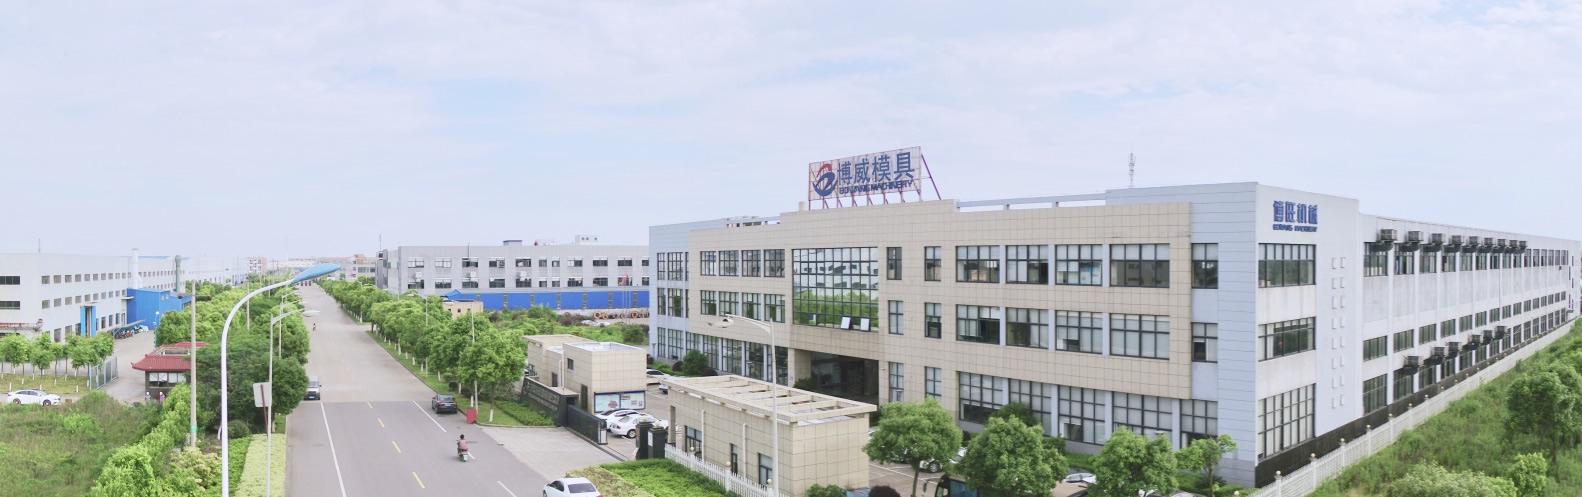 宁波北仑压铸模具厂